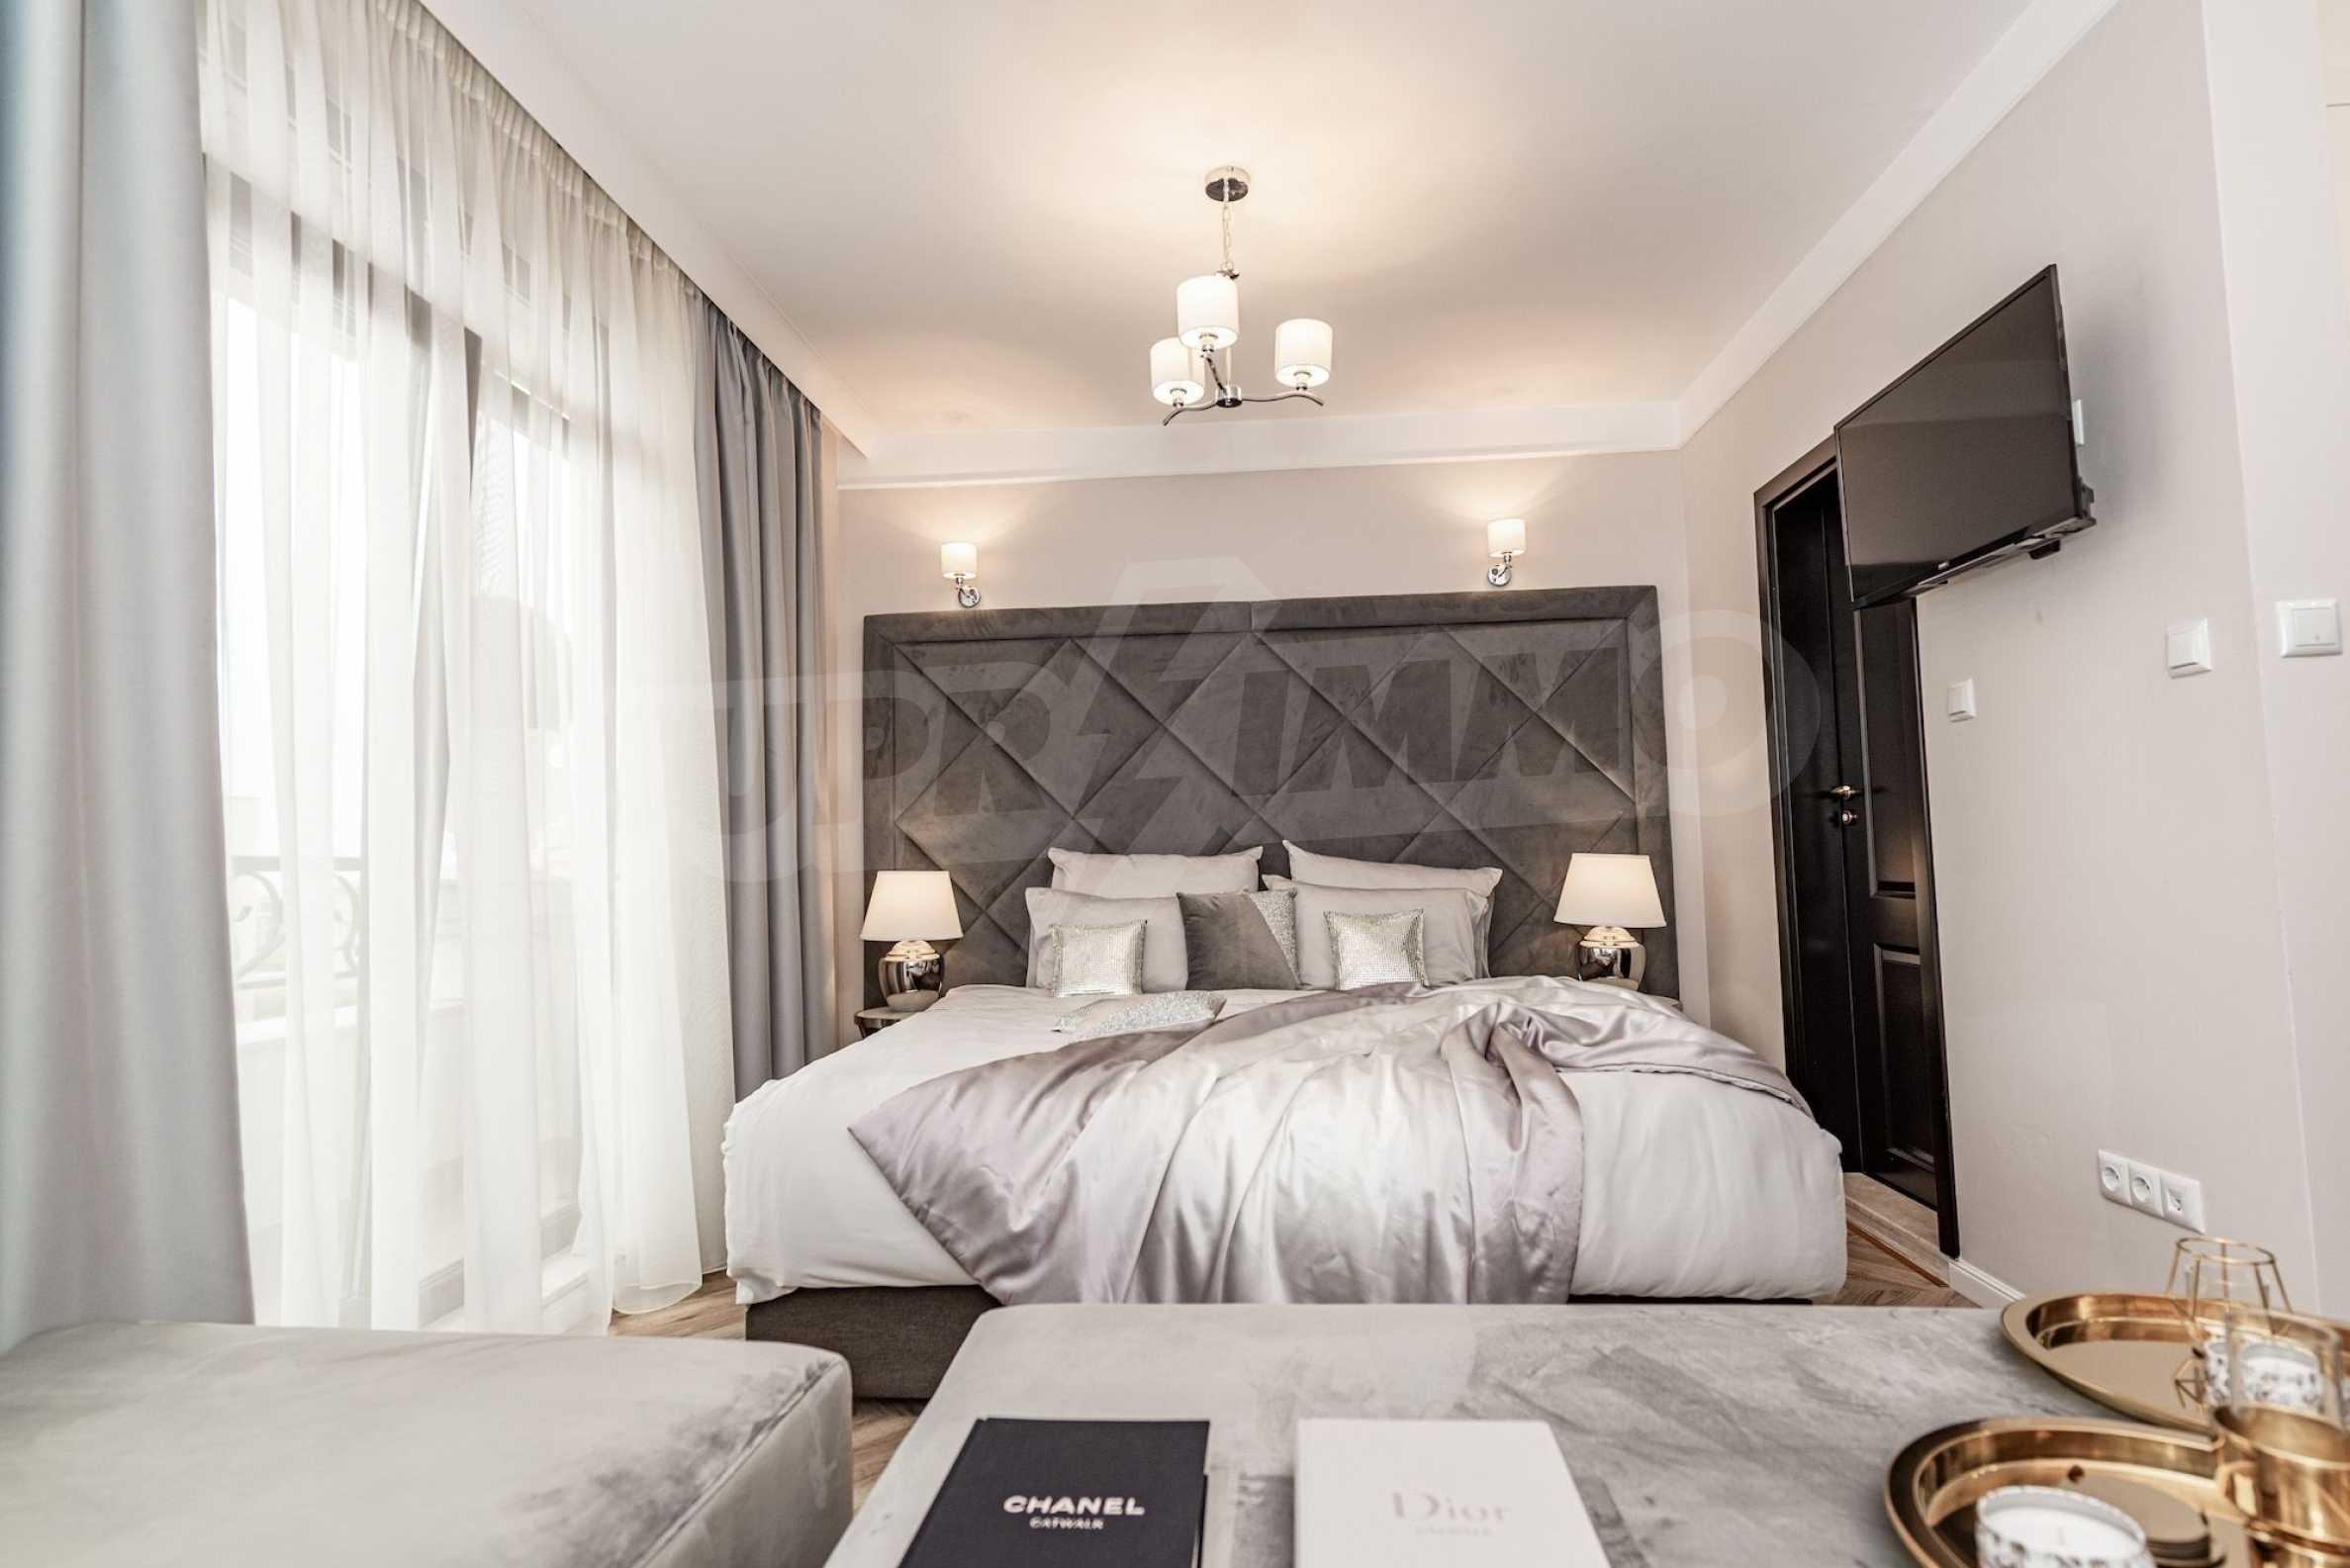 Erstklassige Apartments  zum TOP-Preis ab 890 €/m² im Komplex im Stil der französischen Renaissance (Akt 16) 41